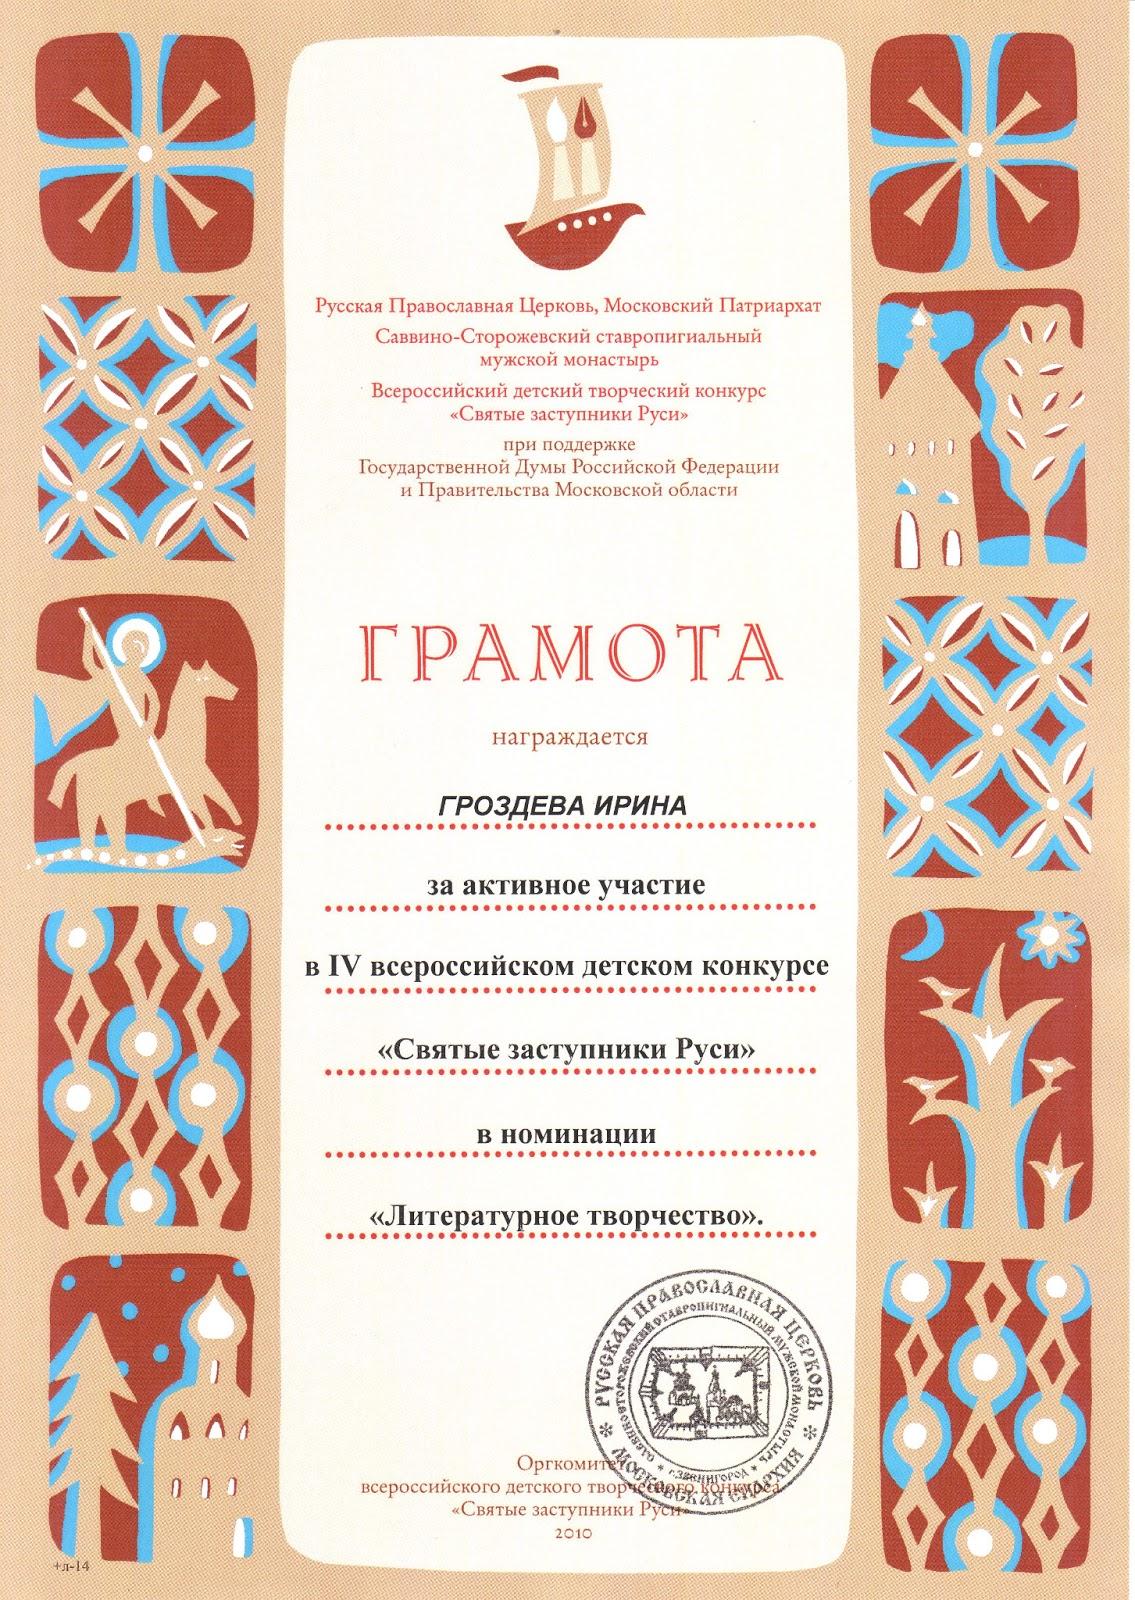 Святые заступники руси детский конкурс